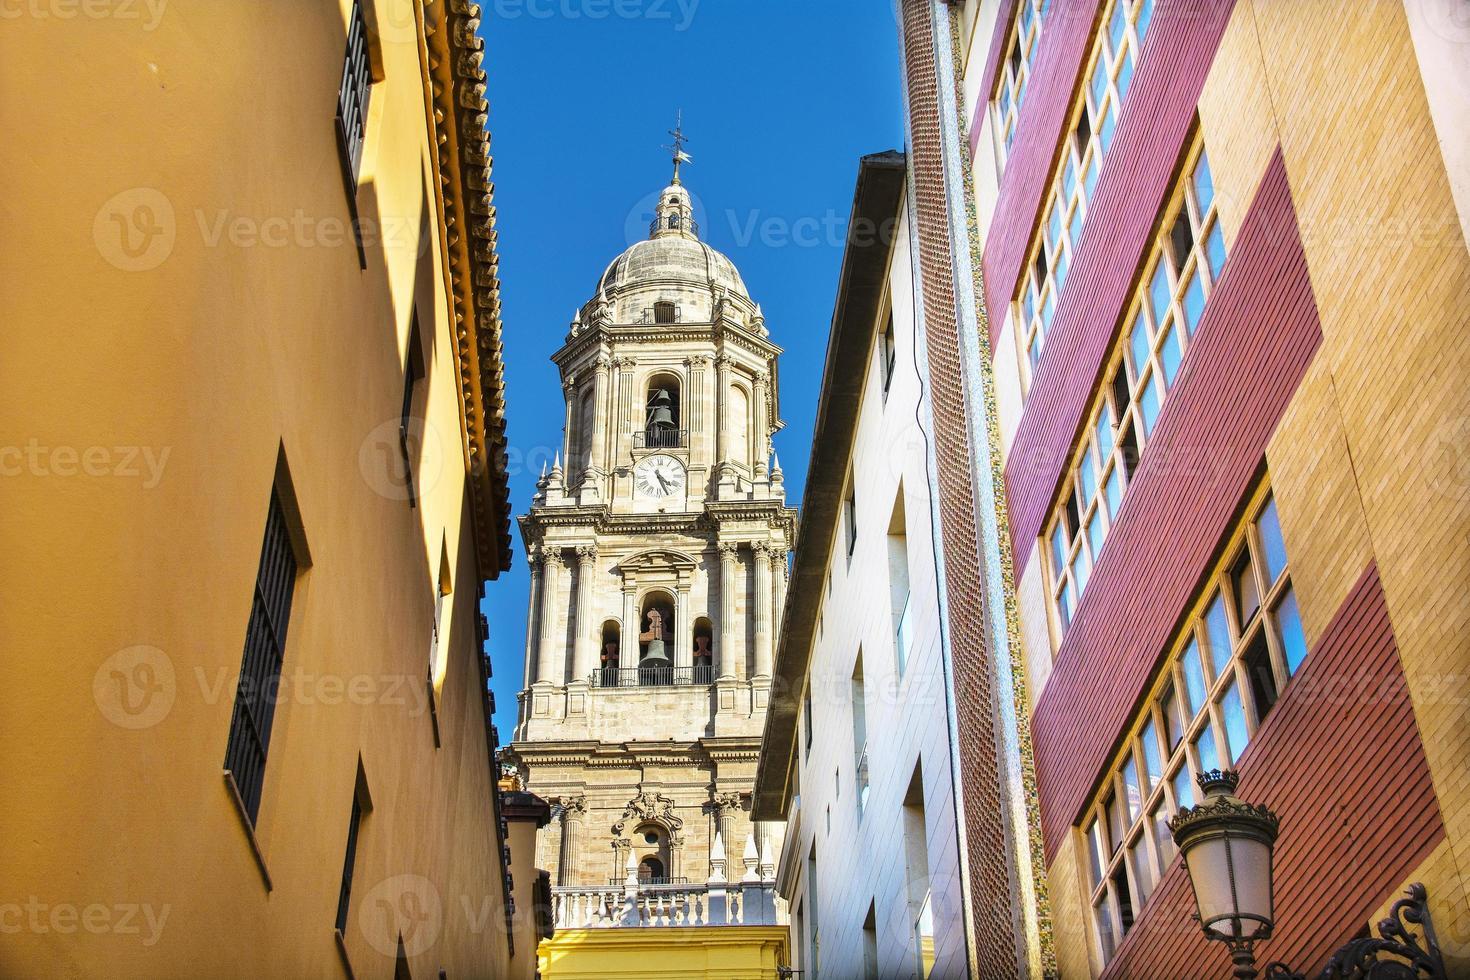 Catedral de Málaga desde el callejón foto